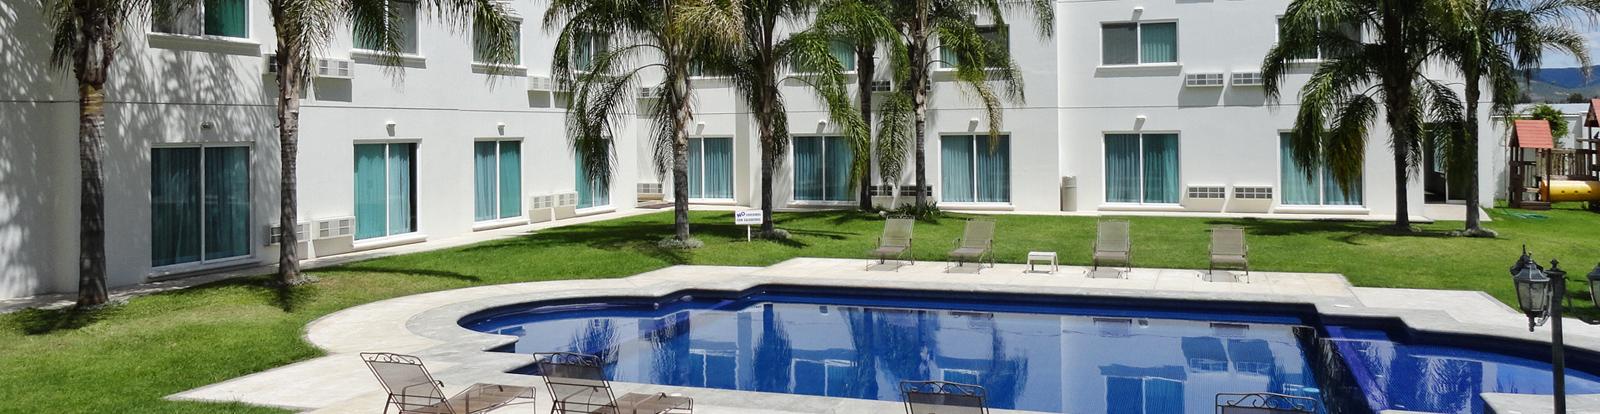 Hotel en León Guanajuato México - Hotel Terranova - Hoteles en Leon